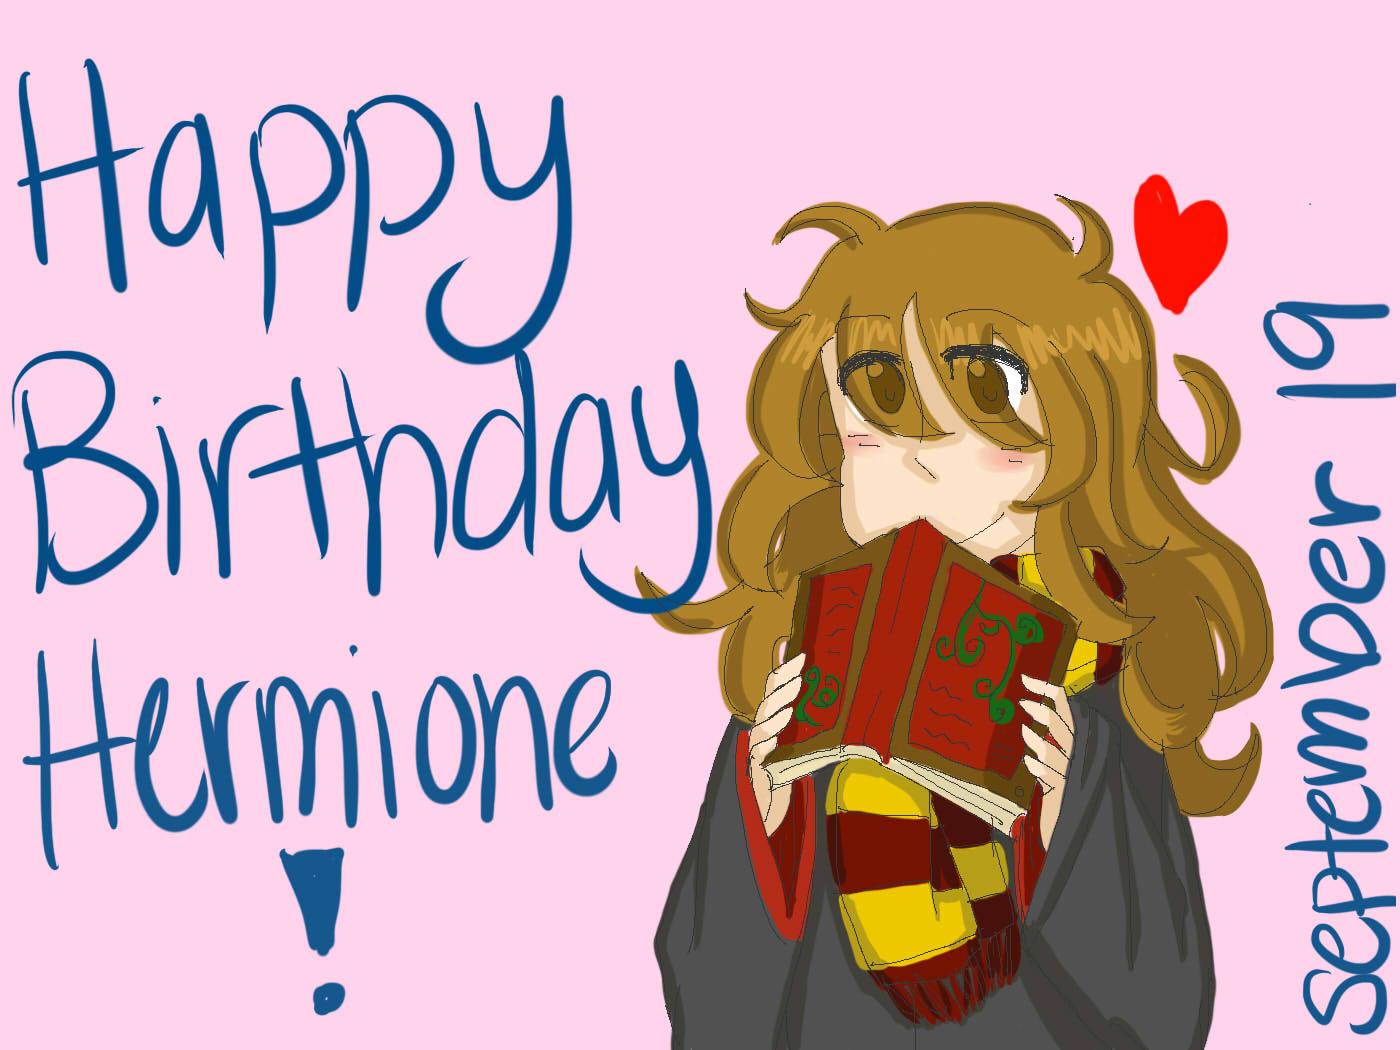 happy birthday hermione by - photo #5